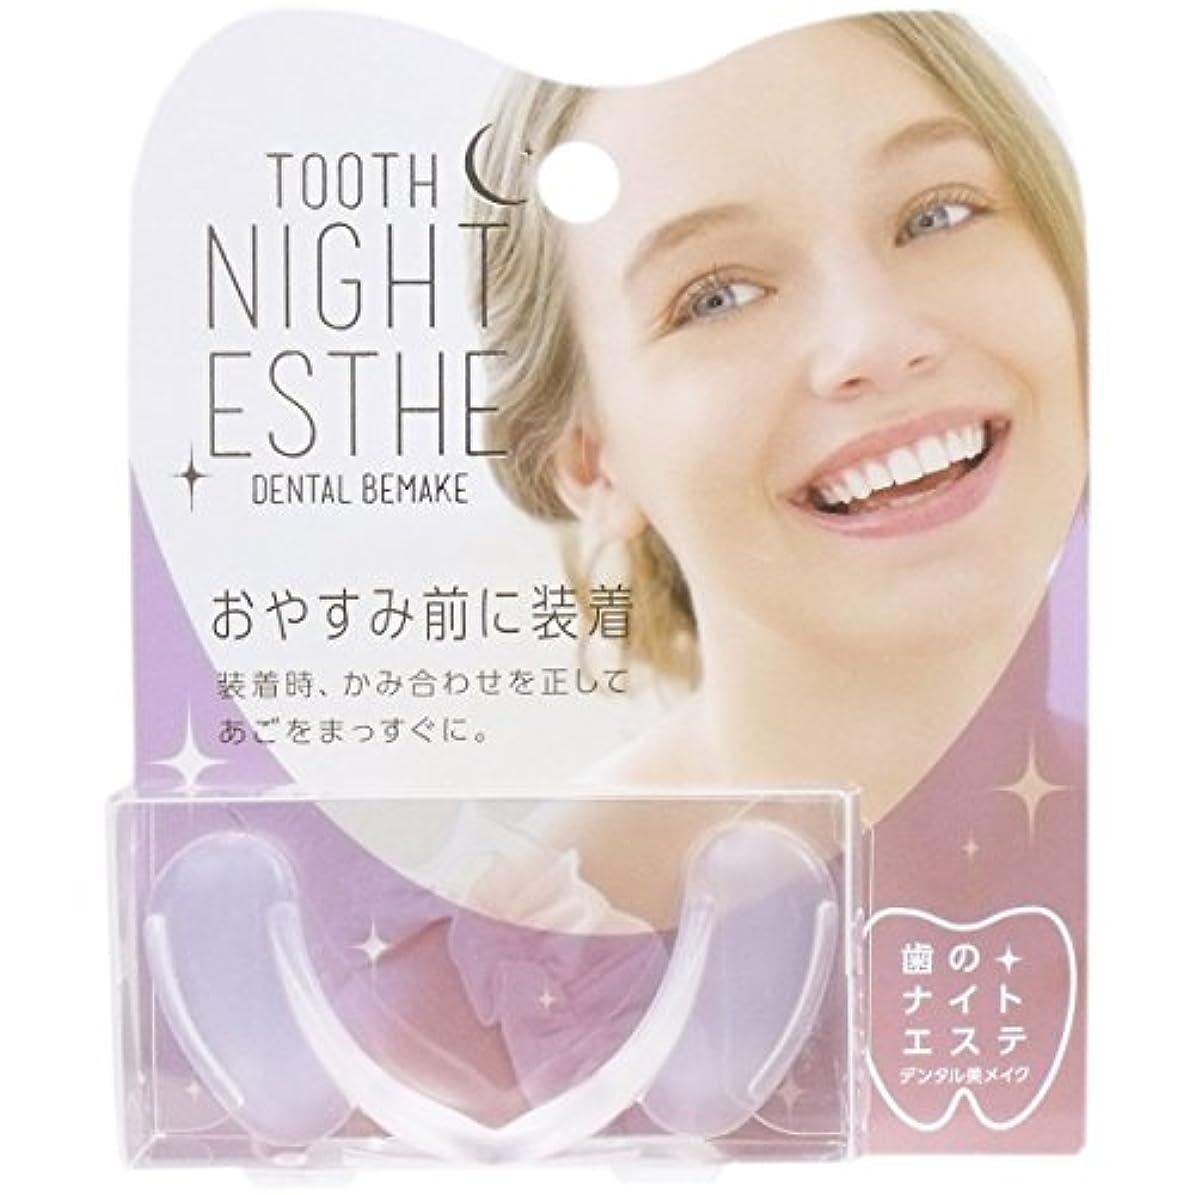 しかし振る舞い確認する歯のナイトエステ デンタル美メイク